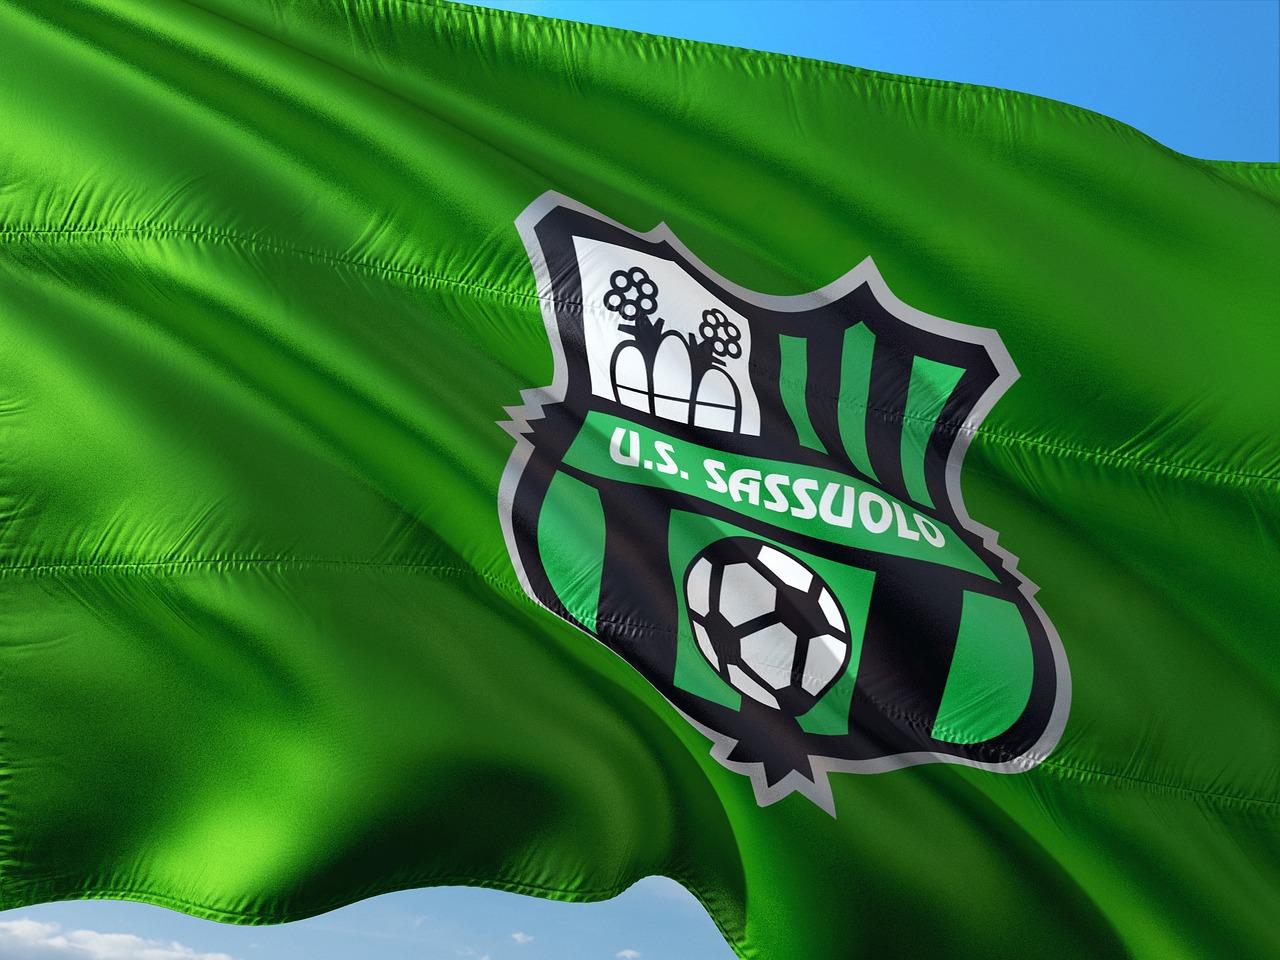 Football International Italy Seria - Free photo on Pixabay